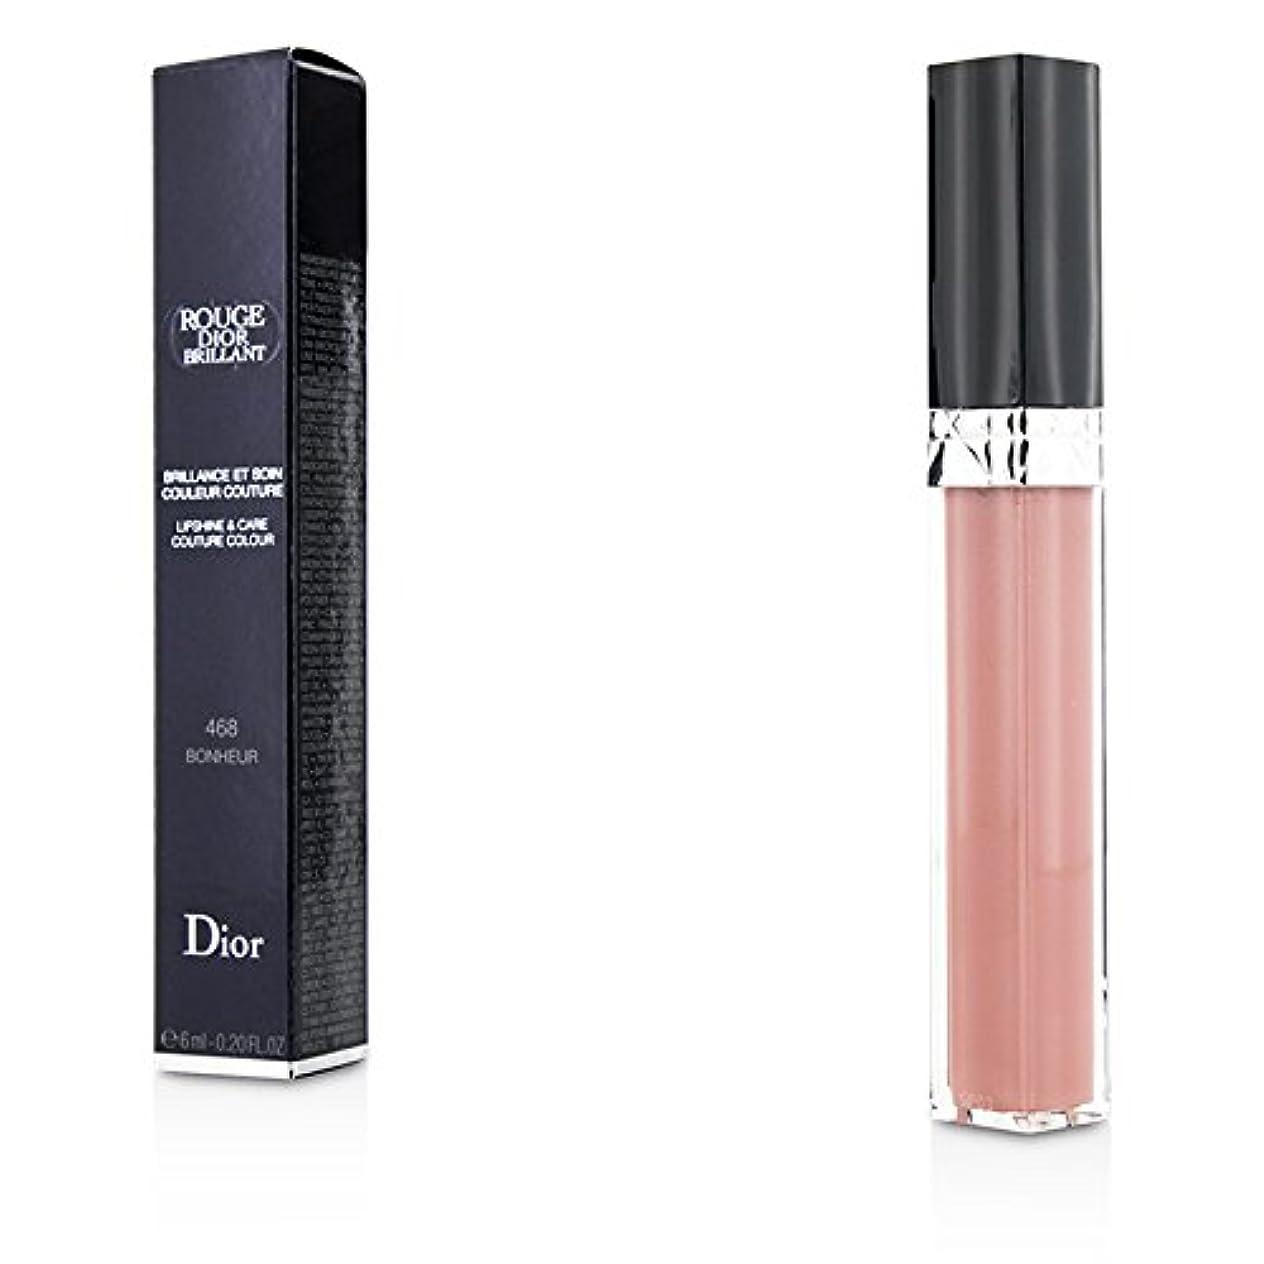 コンピューターフックケープクリスチャンディオール Rouge Dior Brillant Lipgloss - # 468 Bonheur 6ml/0.2oz並行輸入品